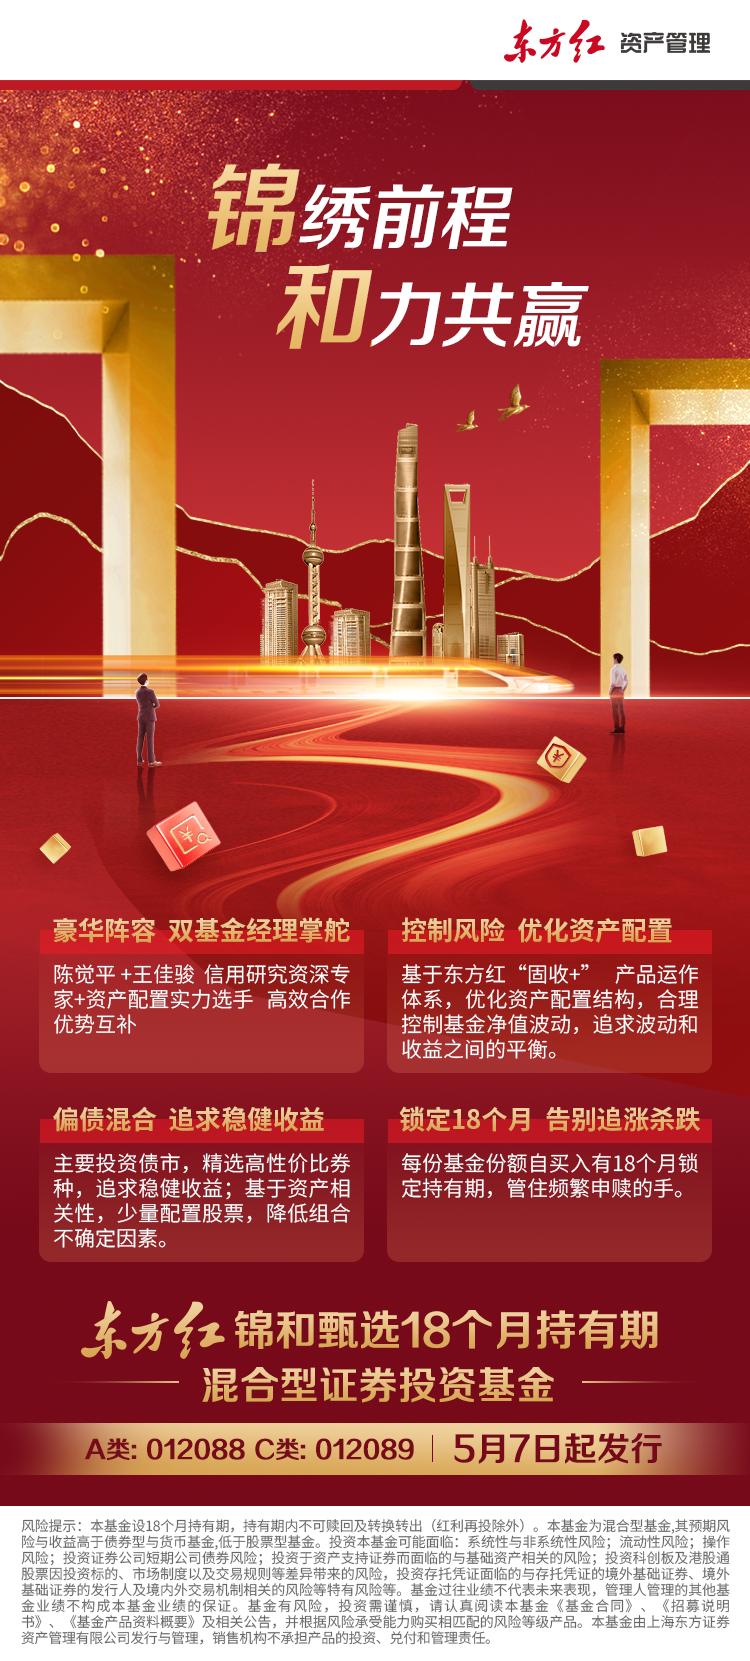 """依托专业资产配置能力 东方红推出18个月持有期""""固收+""""基金"""